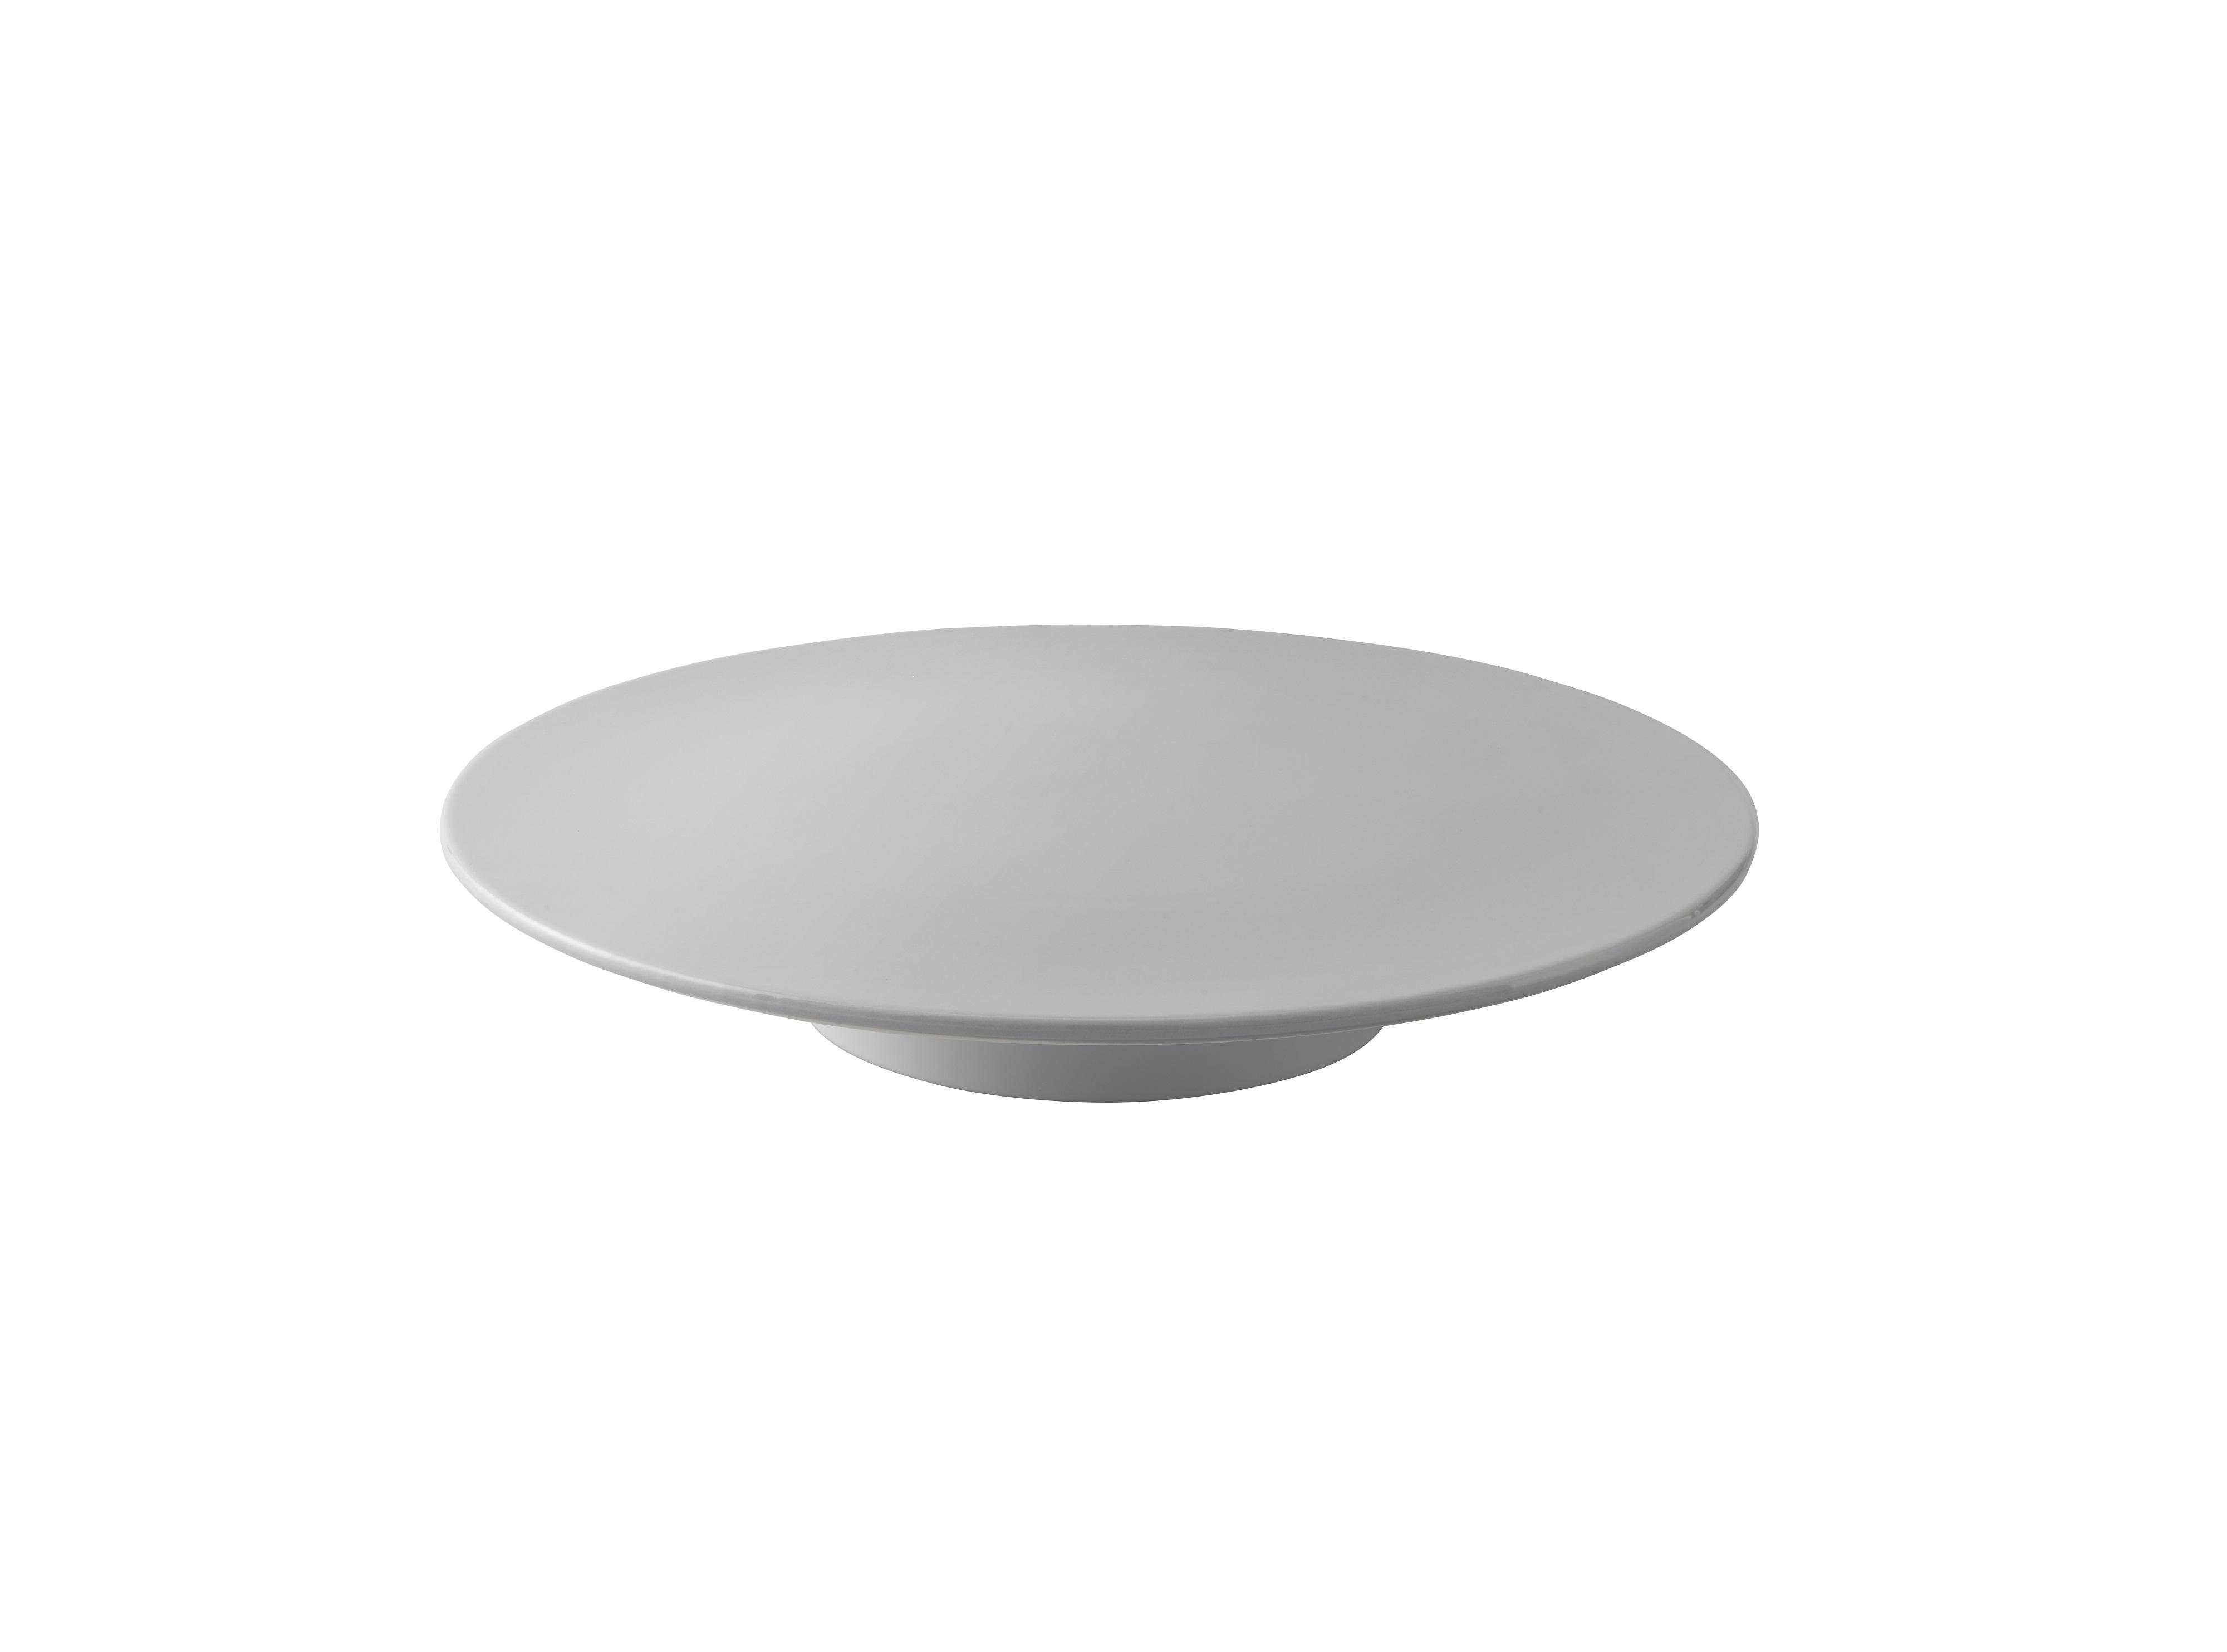 Подставка Stelton Emma для сладостей, серый, диаметр 32.5 см подставка для сладостей tiera